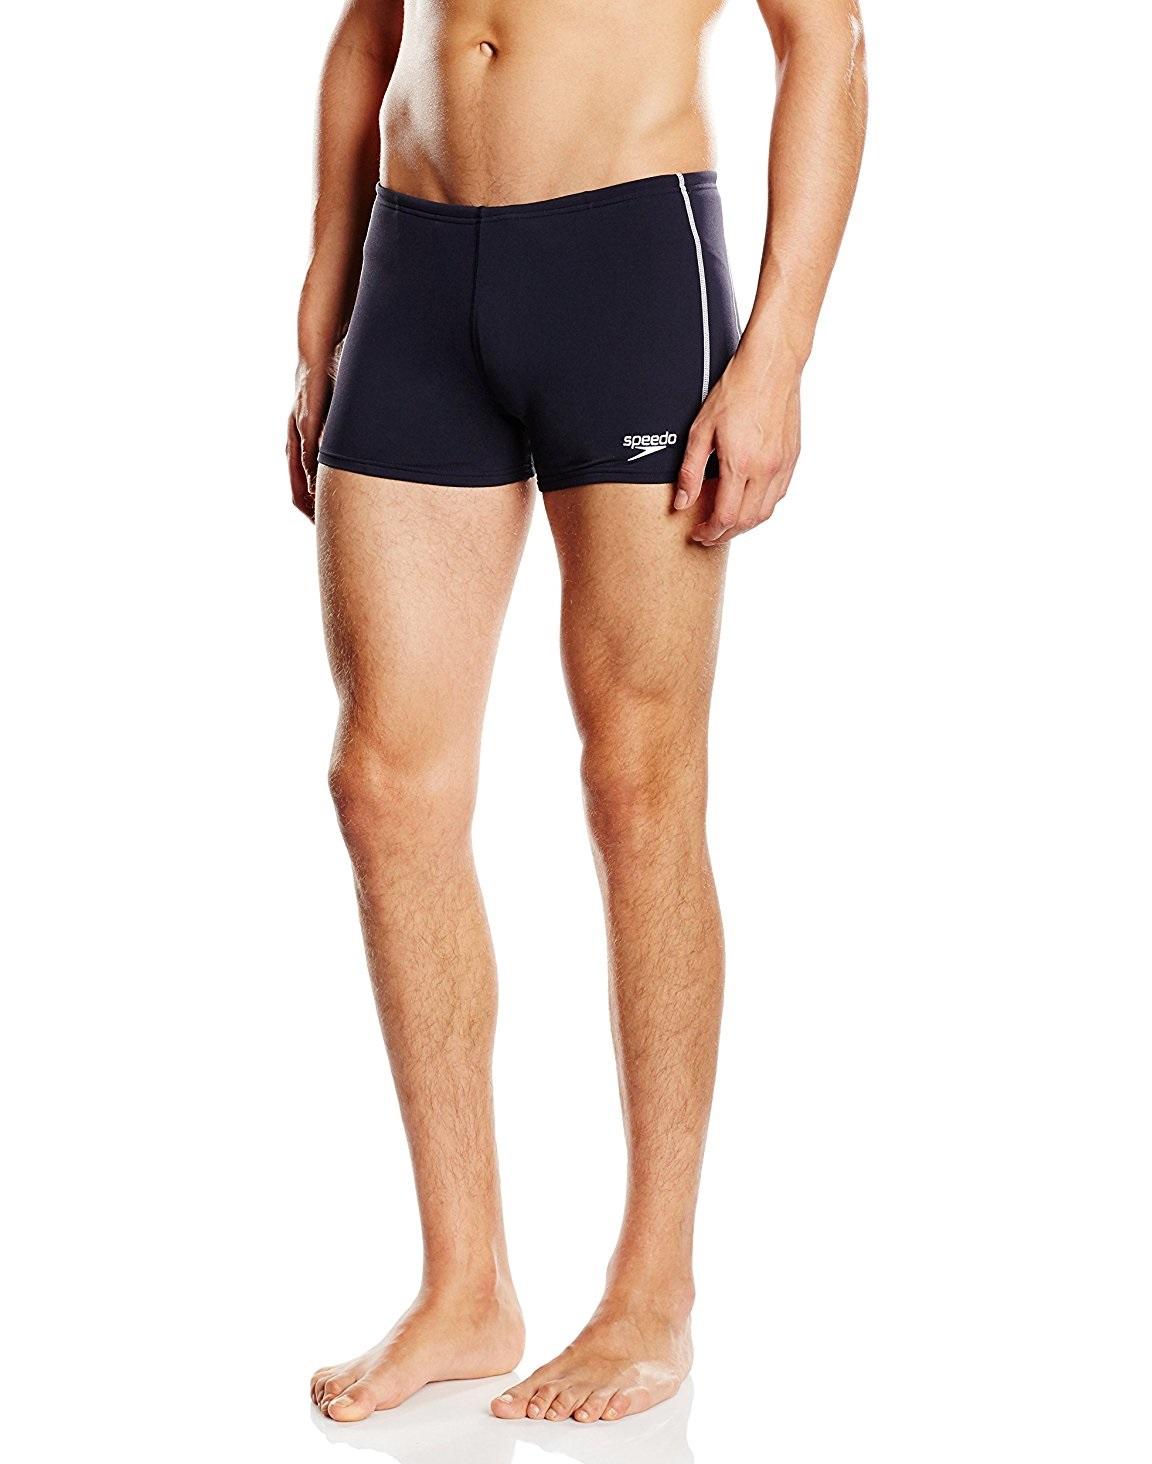 3f1bd34da7 Ce guide d'achat pour les meilleurs maillots de bain homme va déterminer  les critères à ne pas manquer pour avoir un article à la fois confortable,  ...